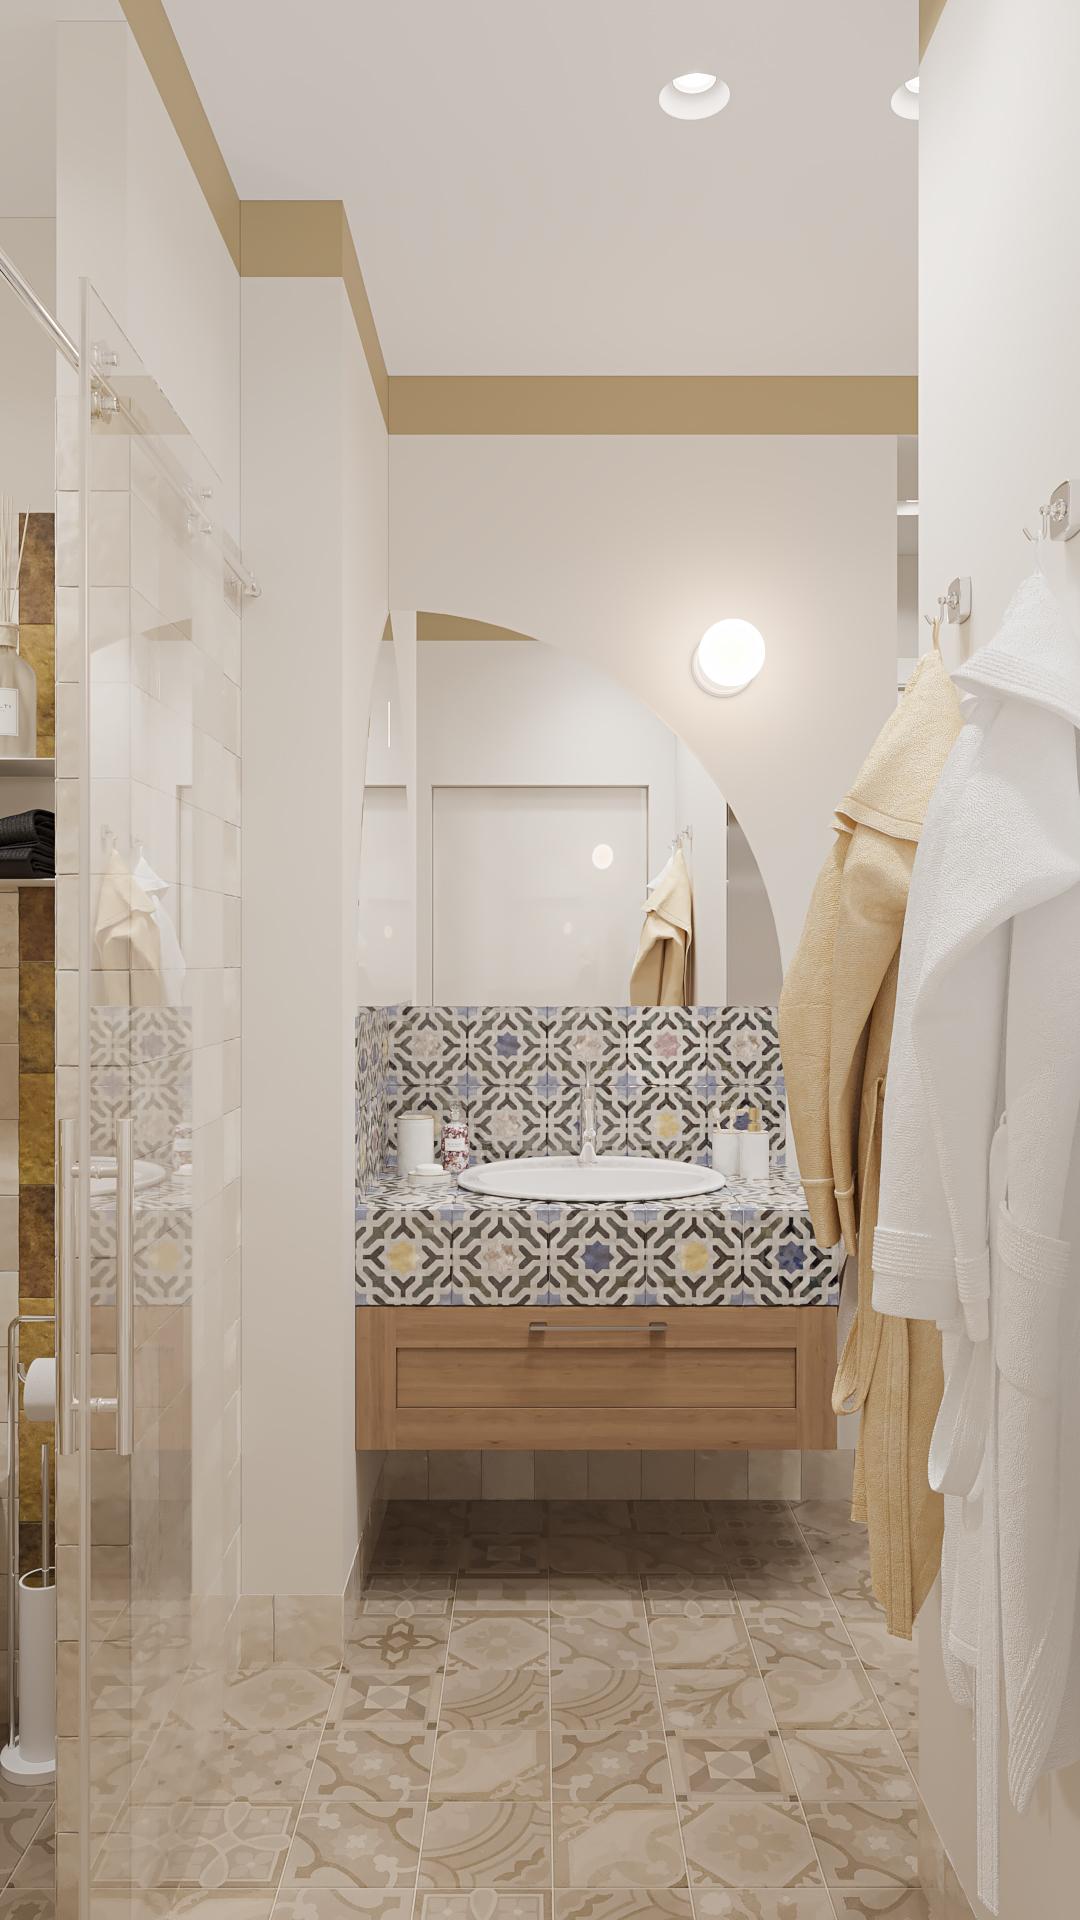 фото:В нашей планировке, ванная комната является первым приватным помещением хозяев, а следом идет спальная комната. Т.е. ванная комната имеет две межкомнатные двери и является проходной. Интересный прием реализовали в зеркалах над умывальником - зеркала расположены в углу в двух плоскостях, совместно образуя арку и отражая одновременно два входа в ванну. Складывается очень интересный эффект в отражениях этих зеркал